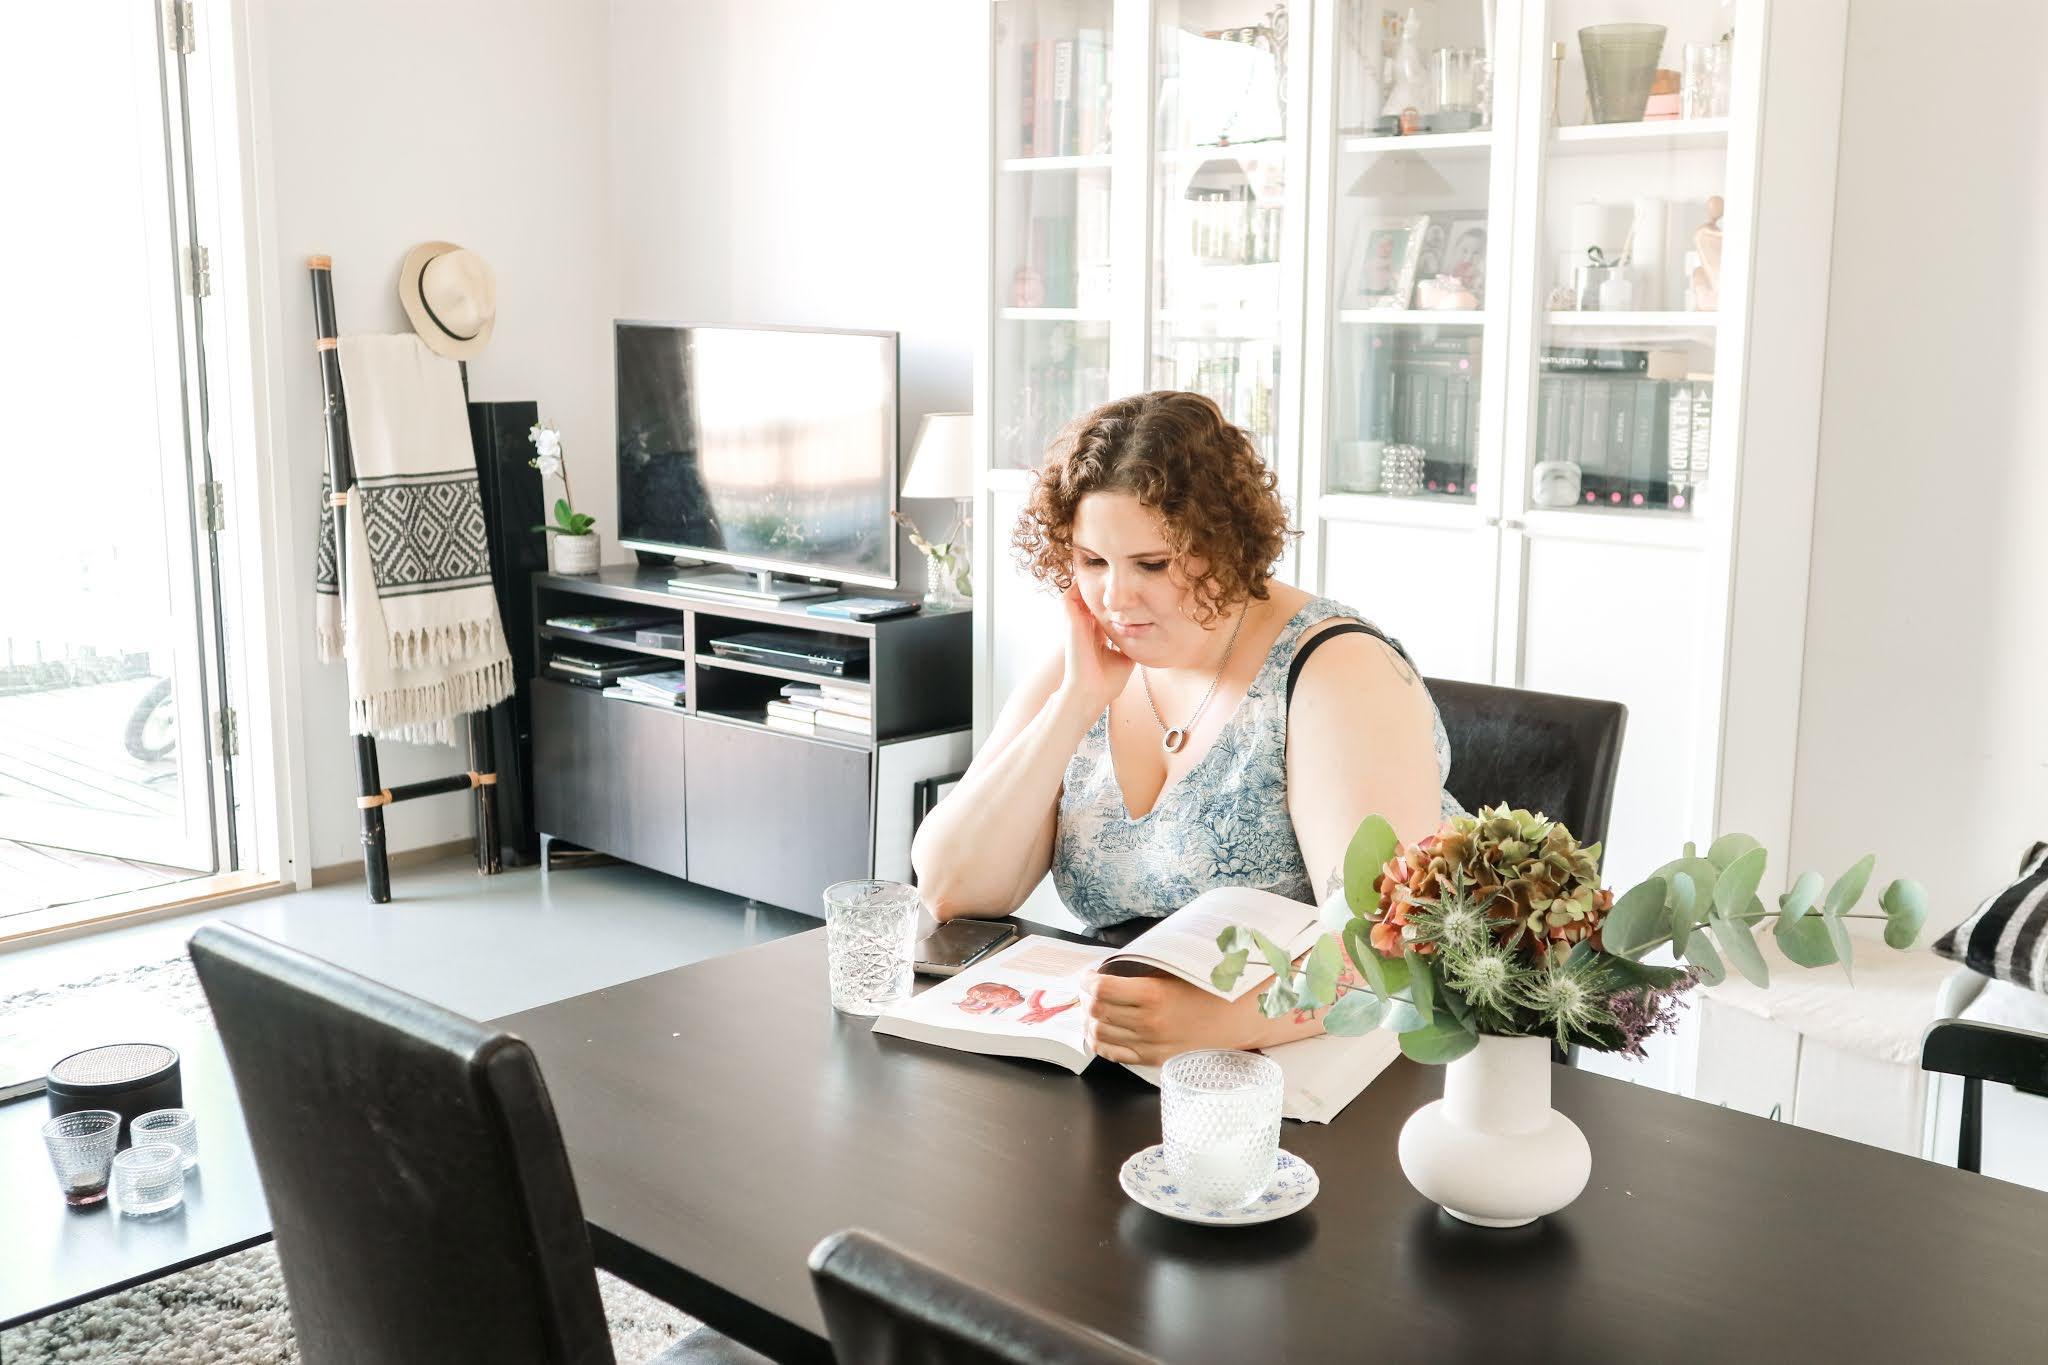 Big mamas home by Jenni S. Missä vaiheessa opintoni ovat nyt